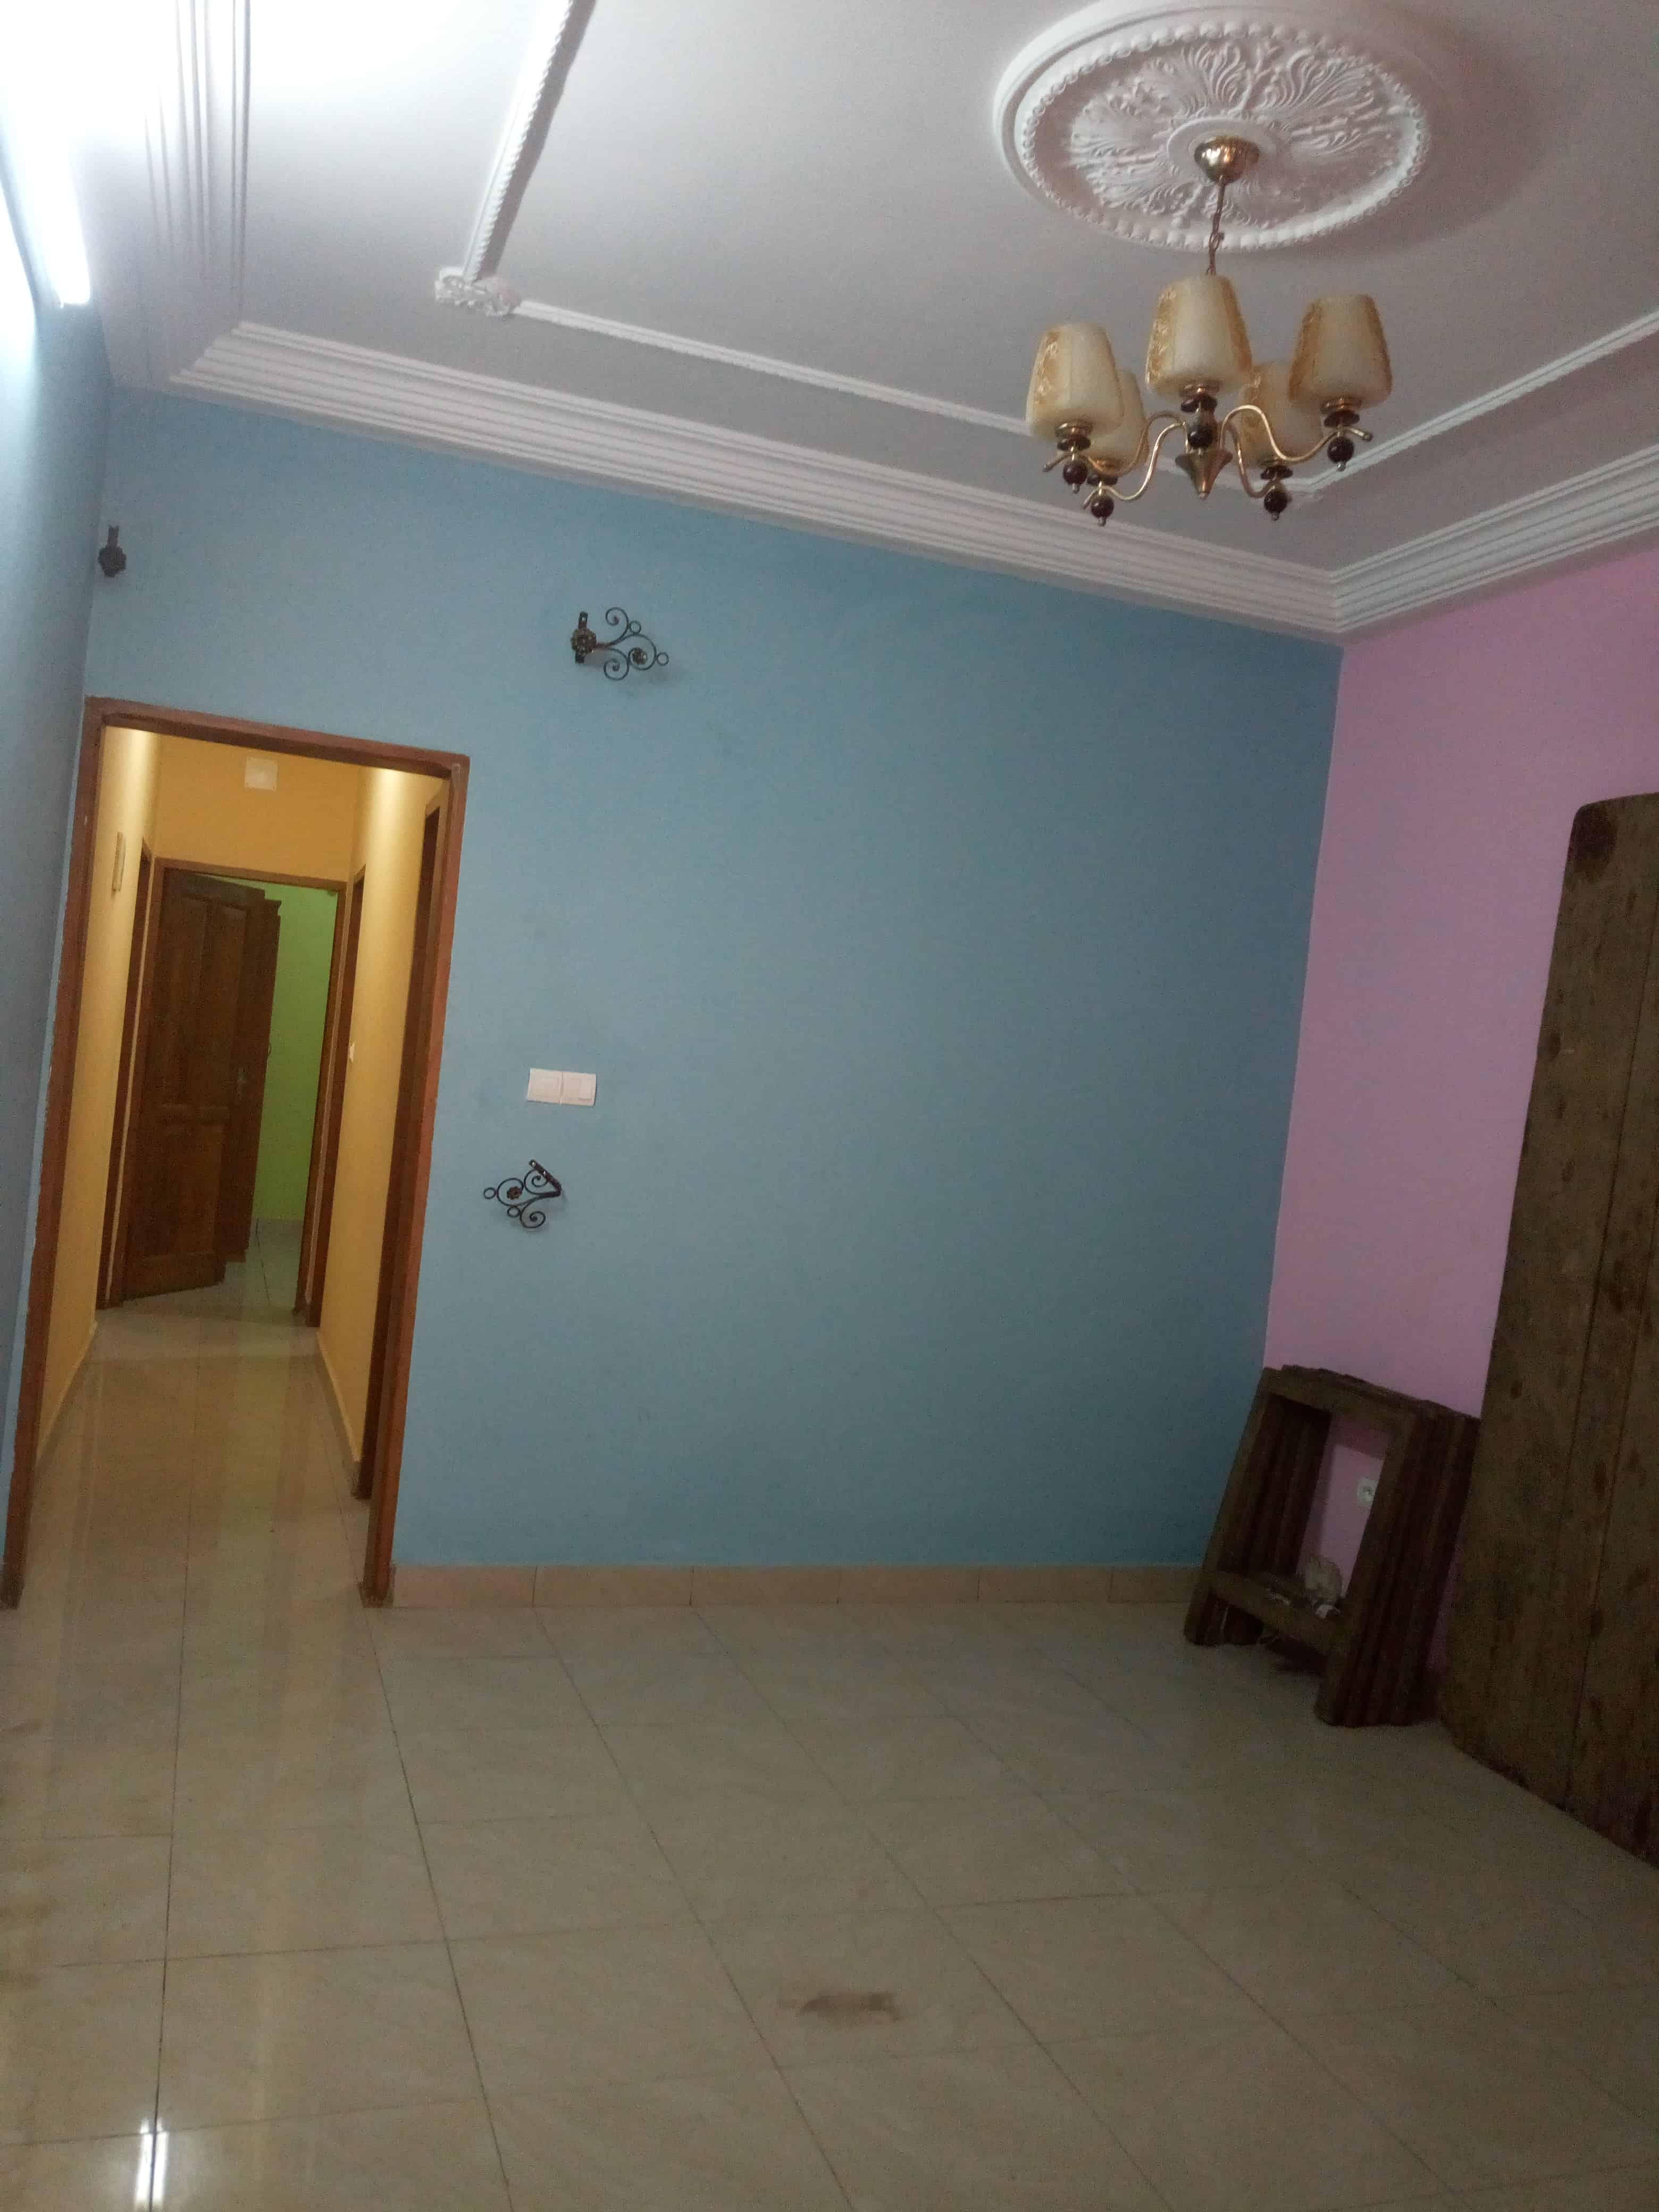 Appartement à louer - Douala, Kotto, Bangue' - 1 salon(s), 2 chambre(s), 1 salle(s) de bains - 80 000 FCFA / mois